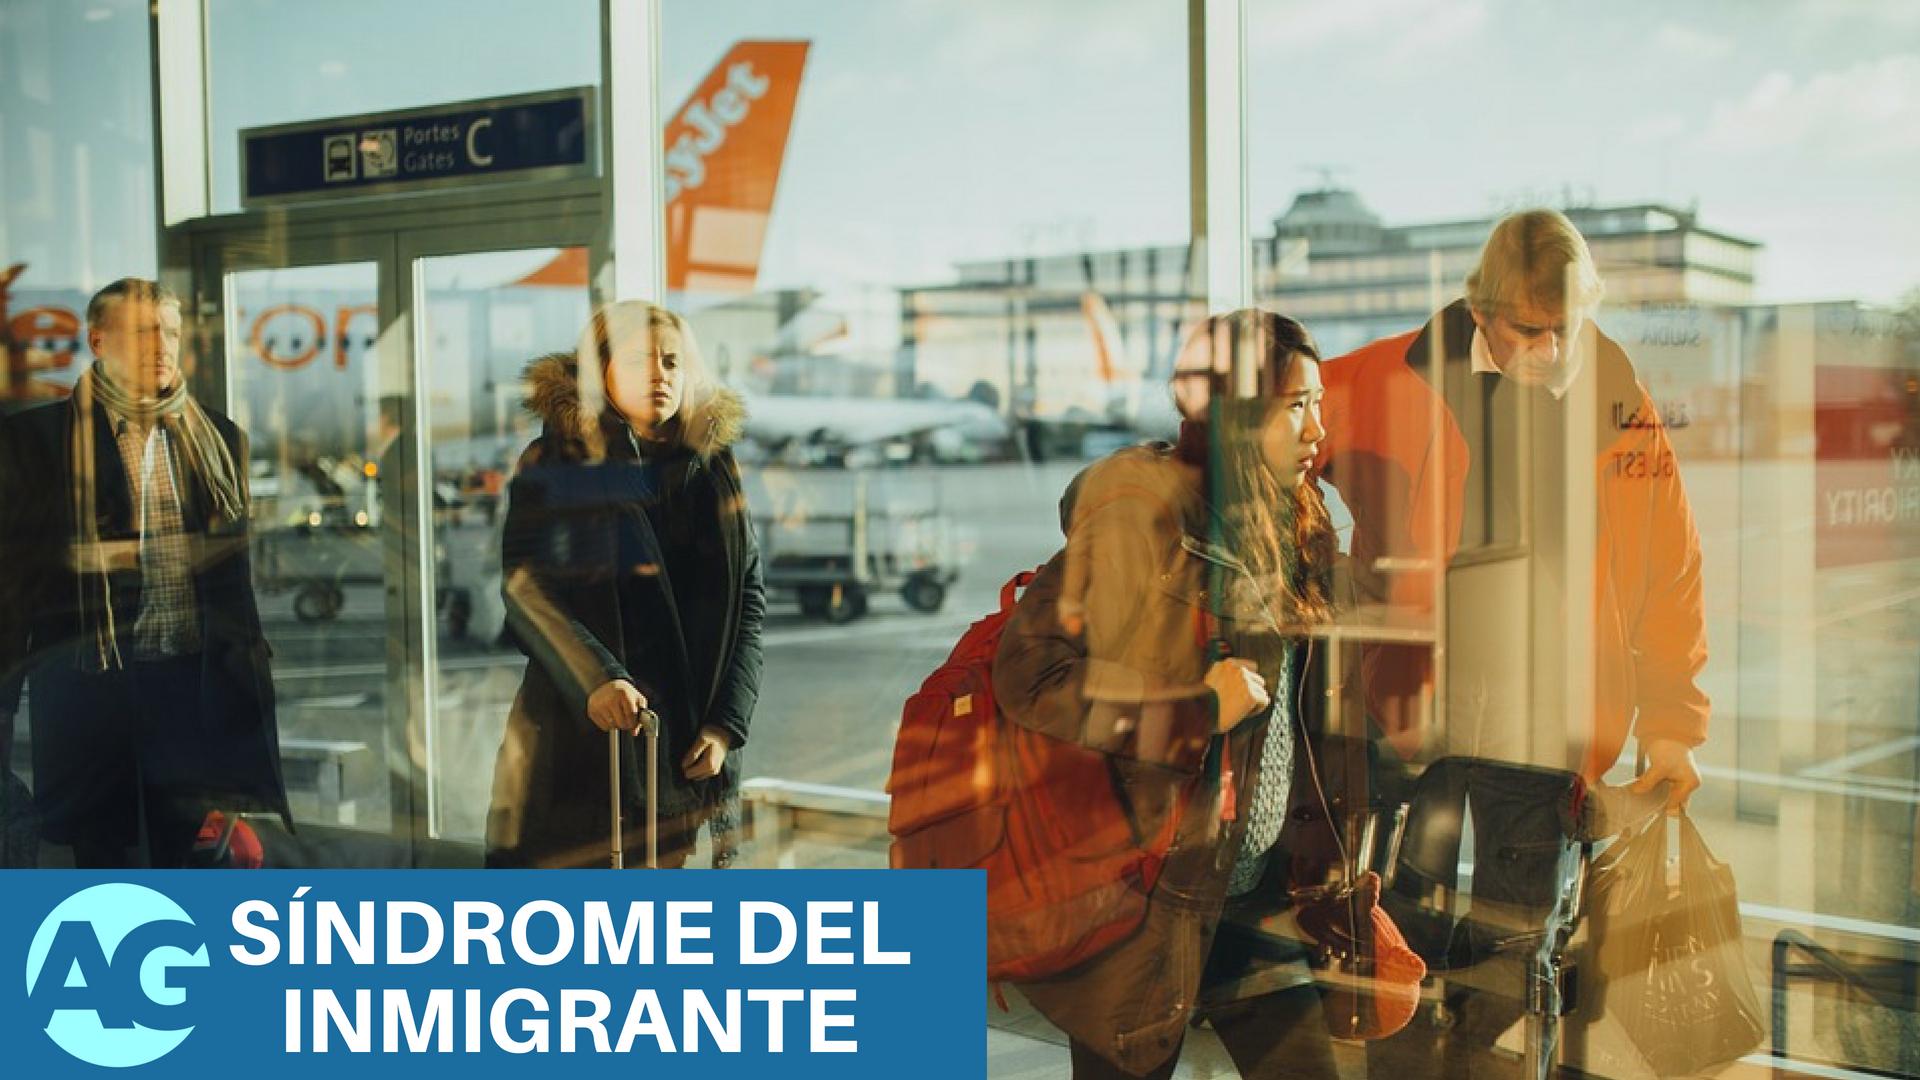 Buscamos mejor vida: El síndrome del inmigrante